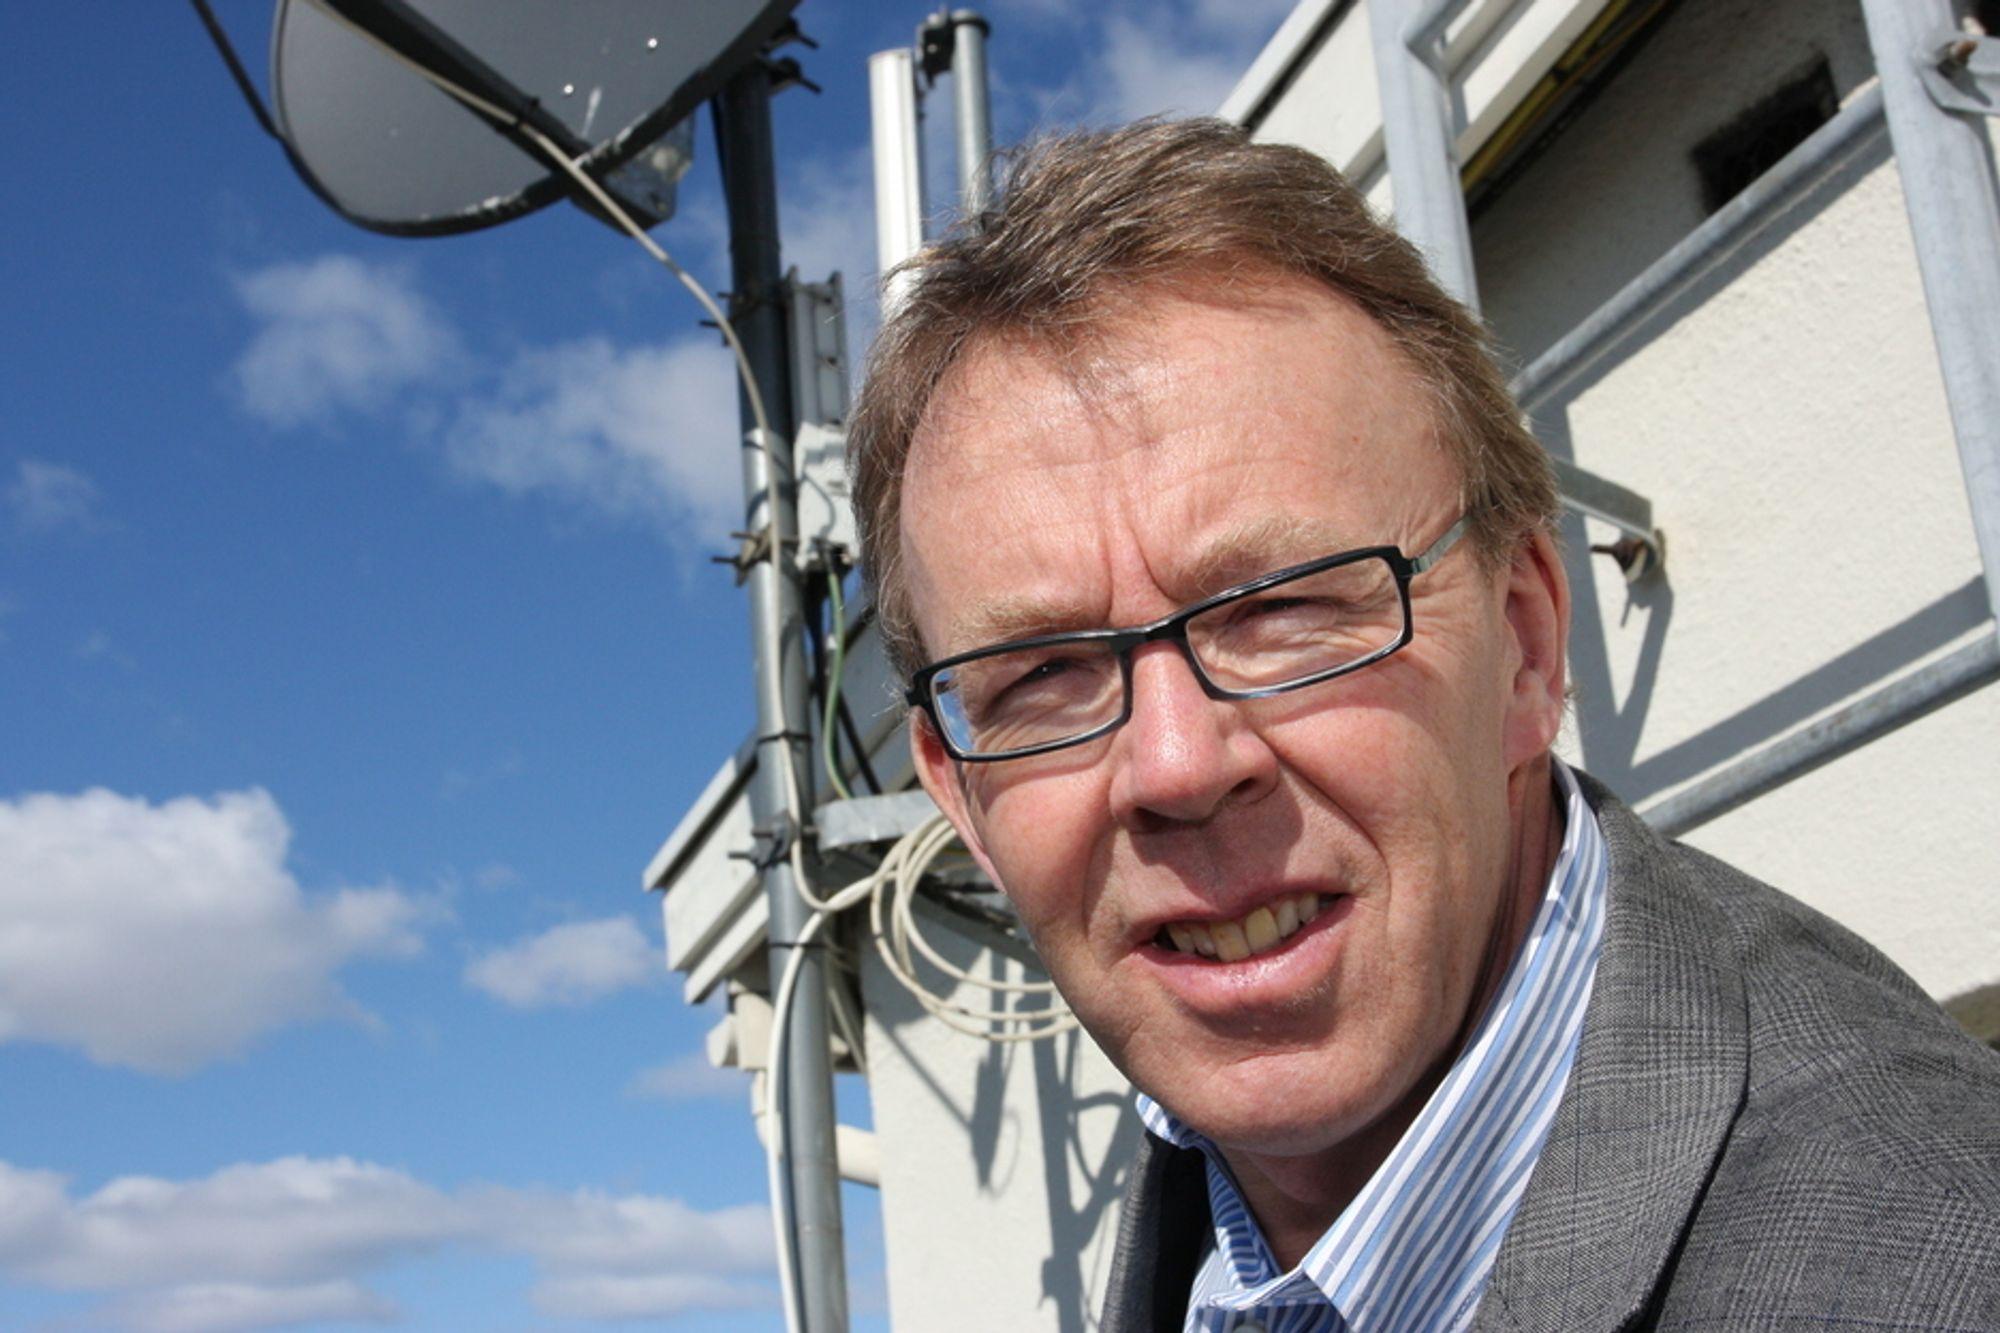 VENTER PÅ FREKVENSAUKSJON: Glede er blitt til skuffelse på ett år for generalsekretær Per Morten Hoff i IKT-Norge.